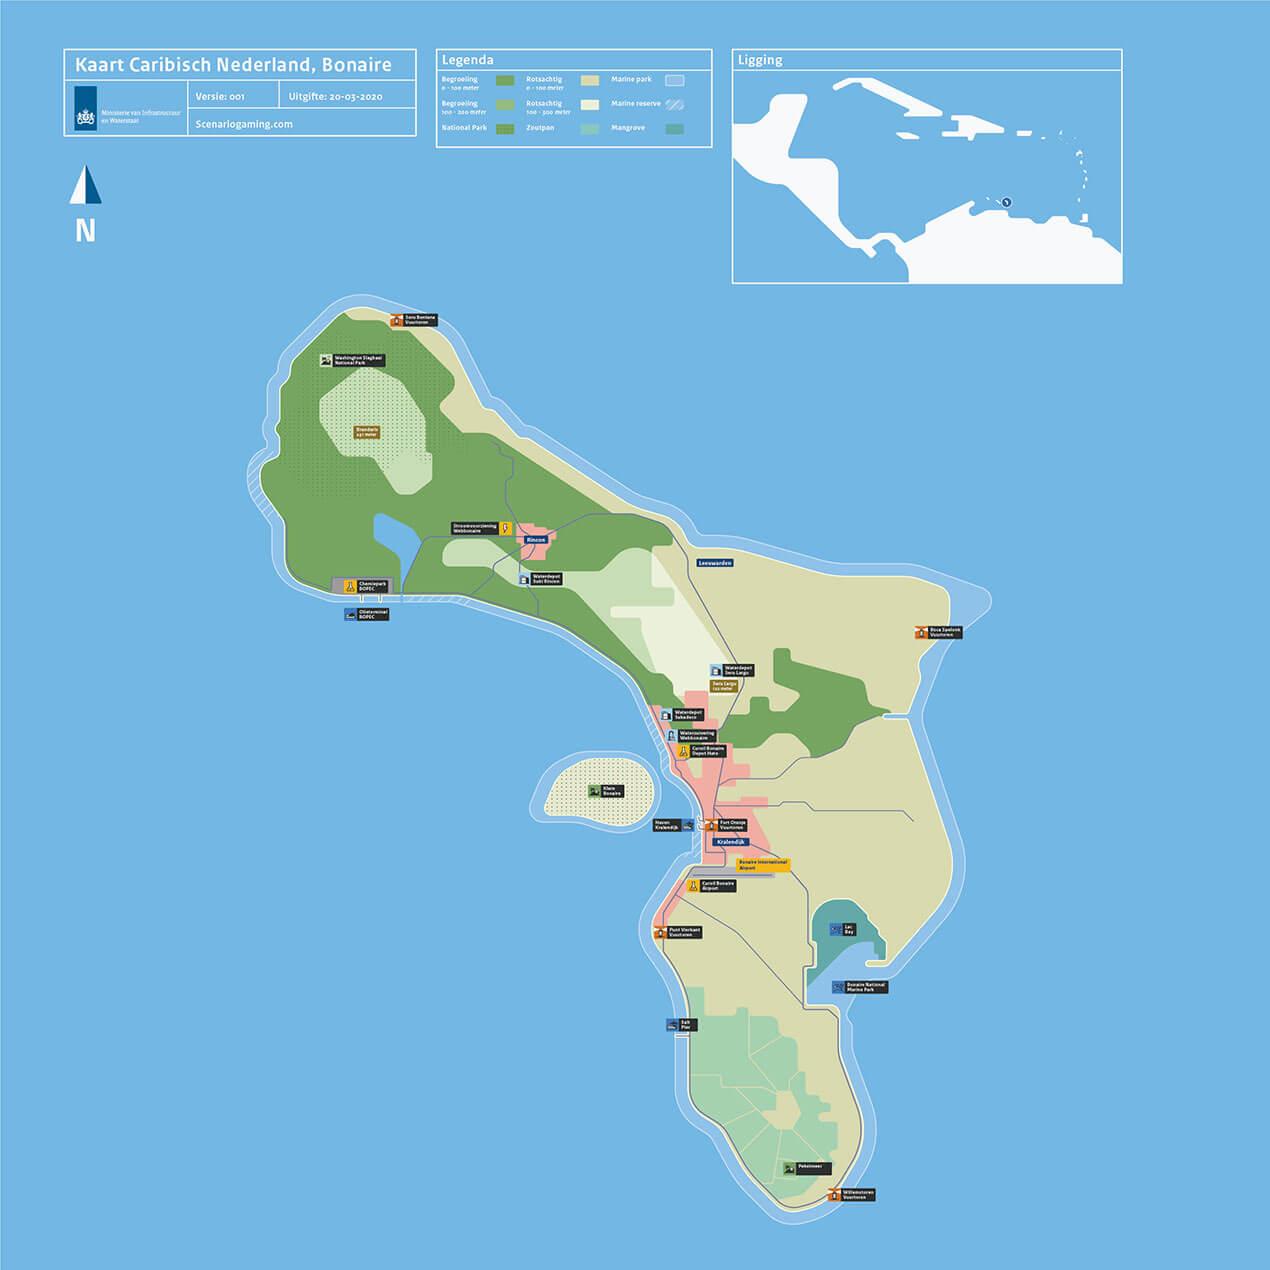 DCC-I&W_Kaart_Caraibisch_Bonaire